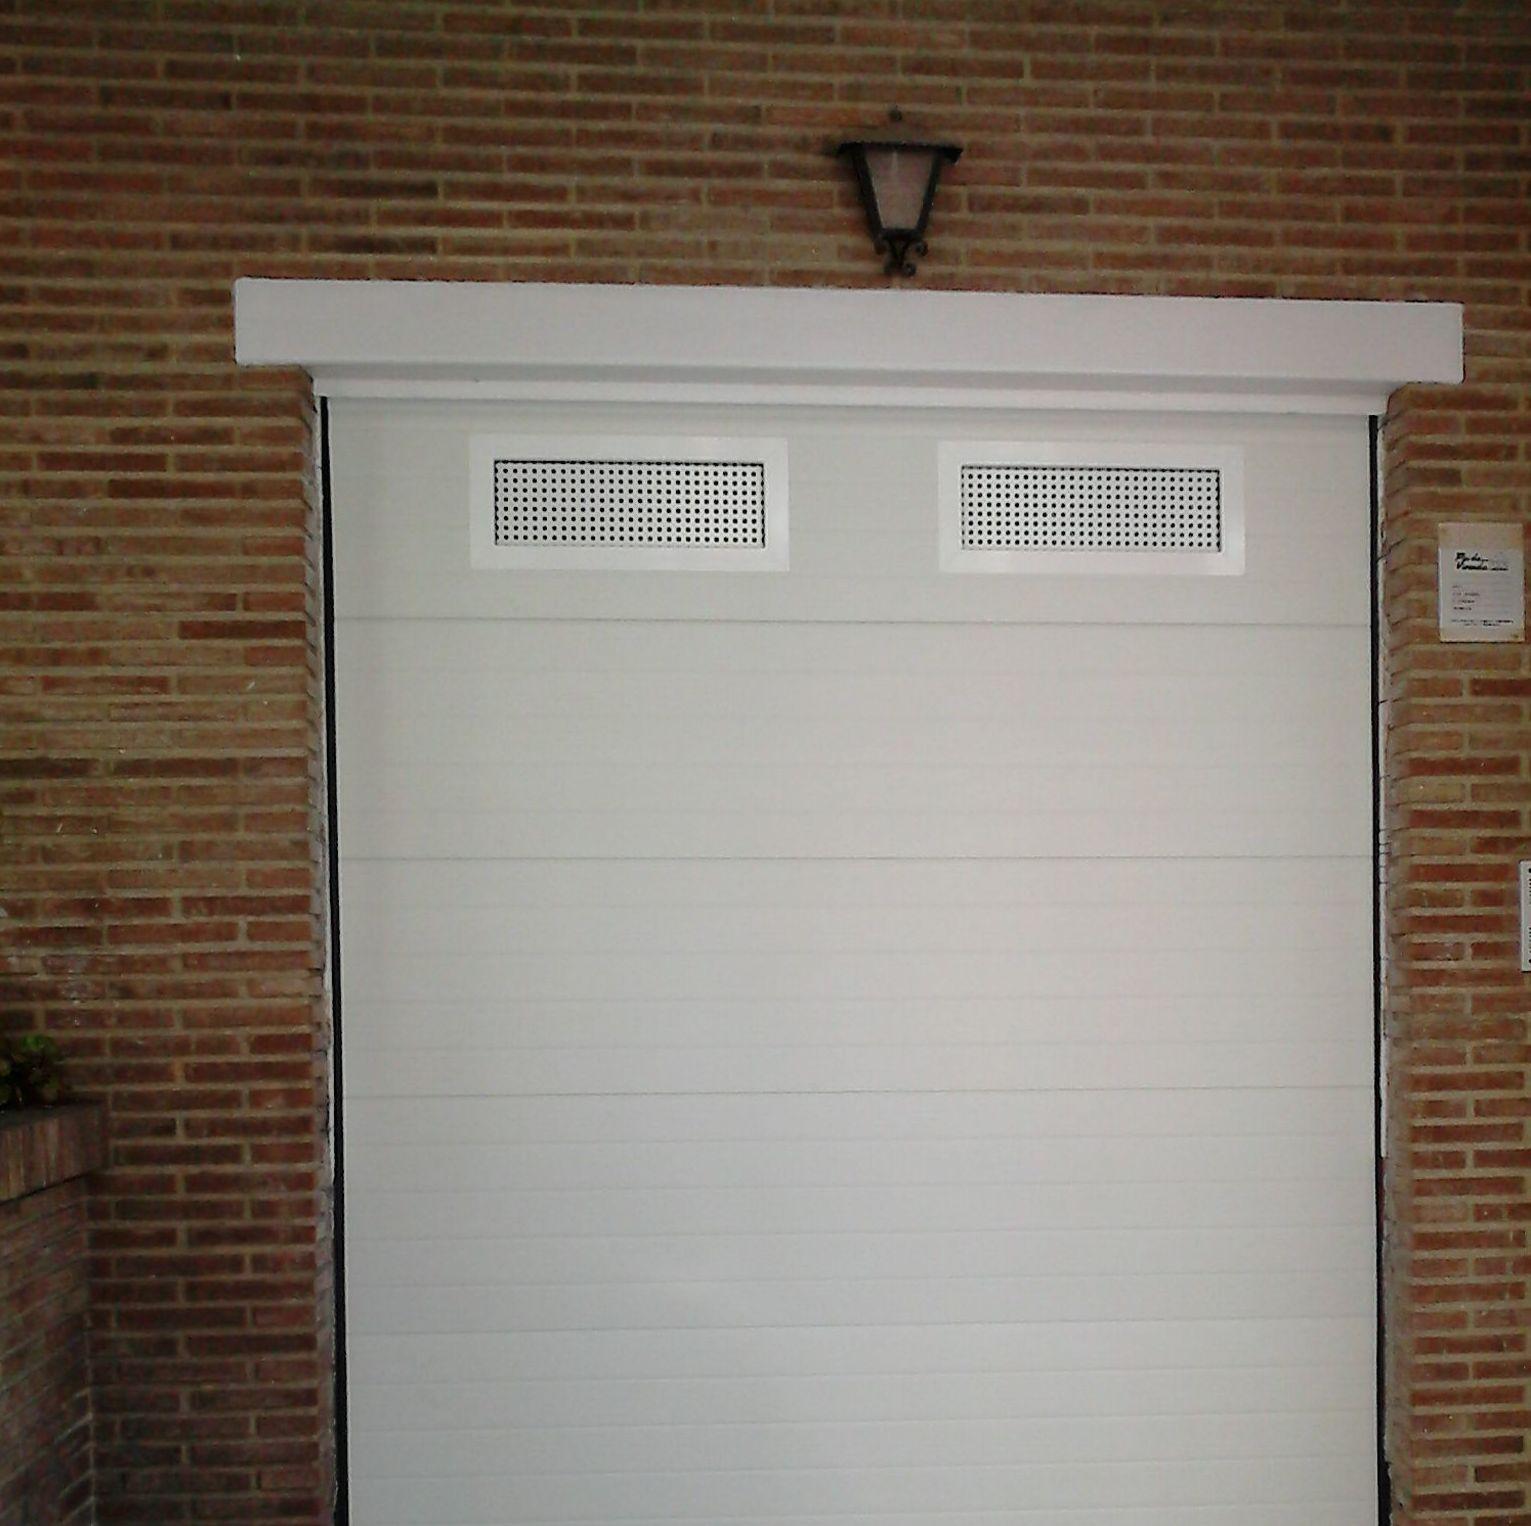 seccional acanalada blanca, con rejilla de ventilación.